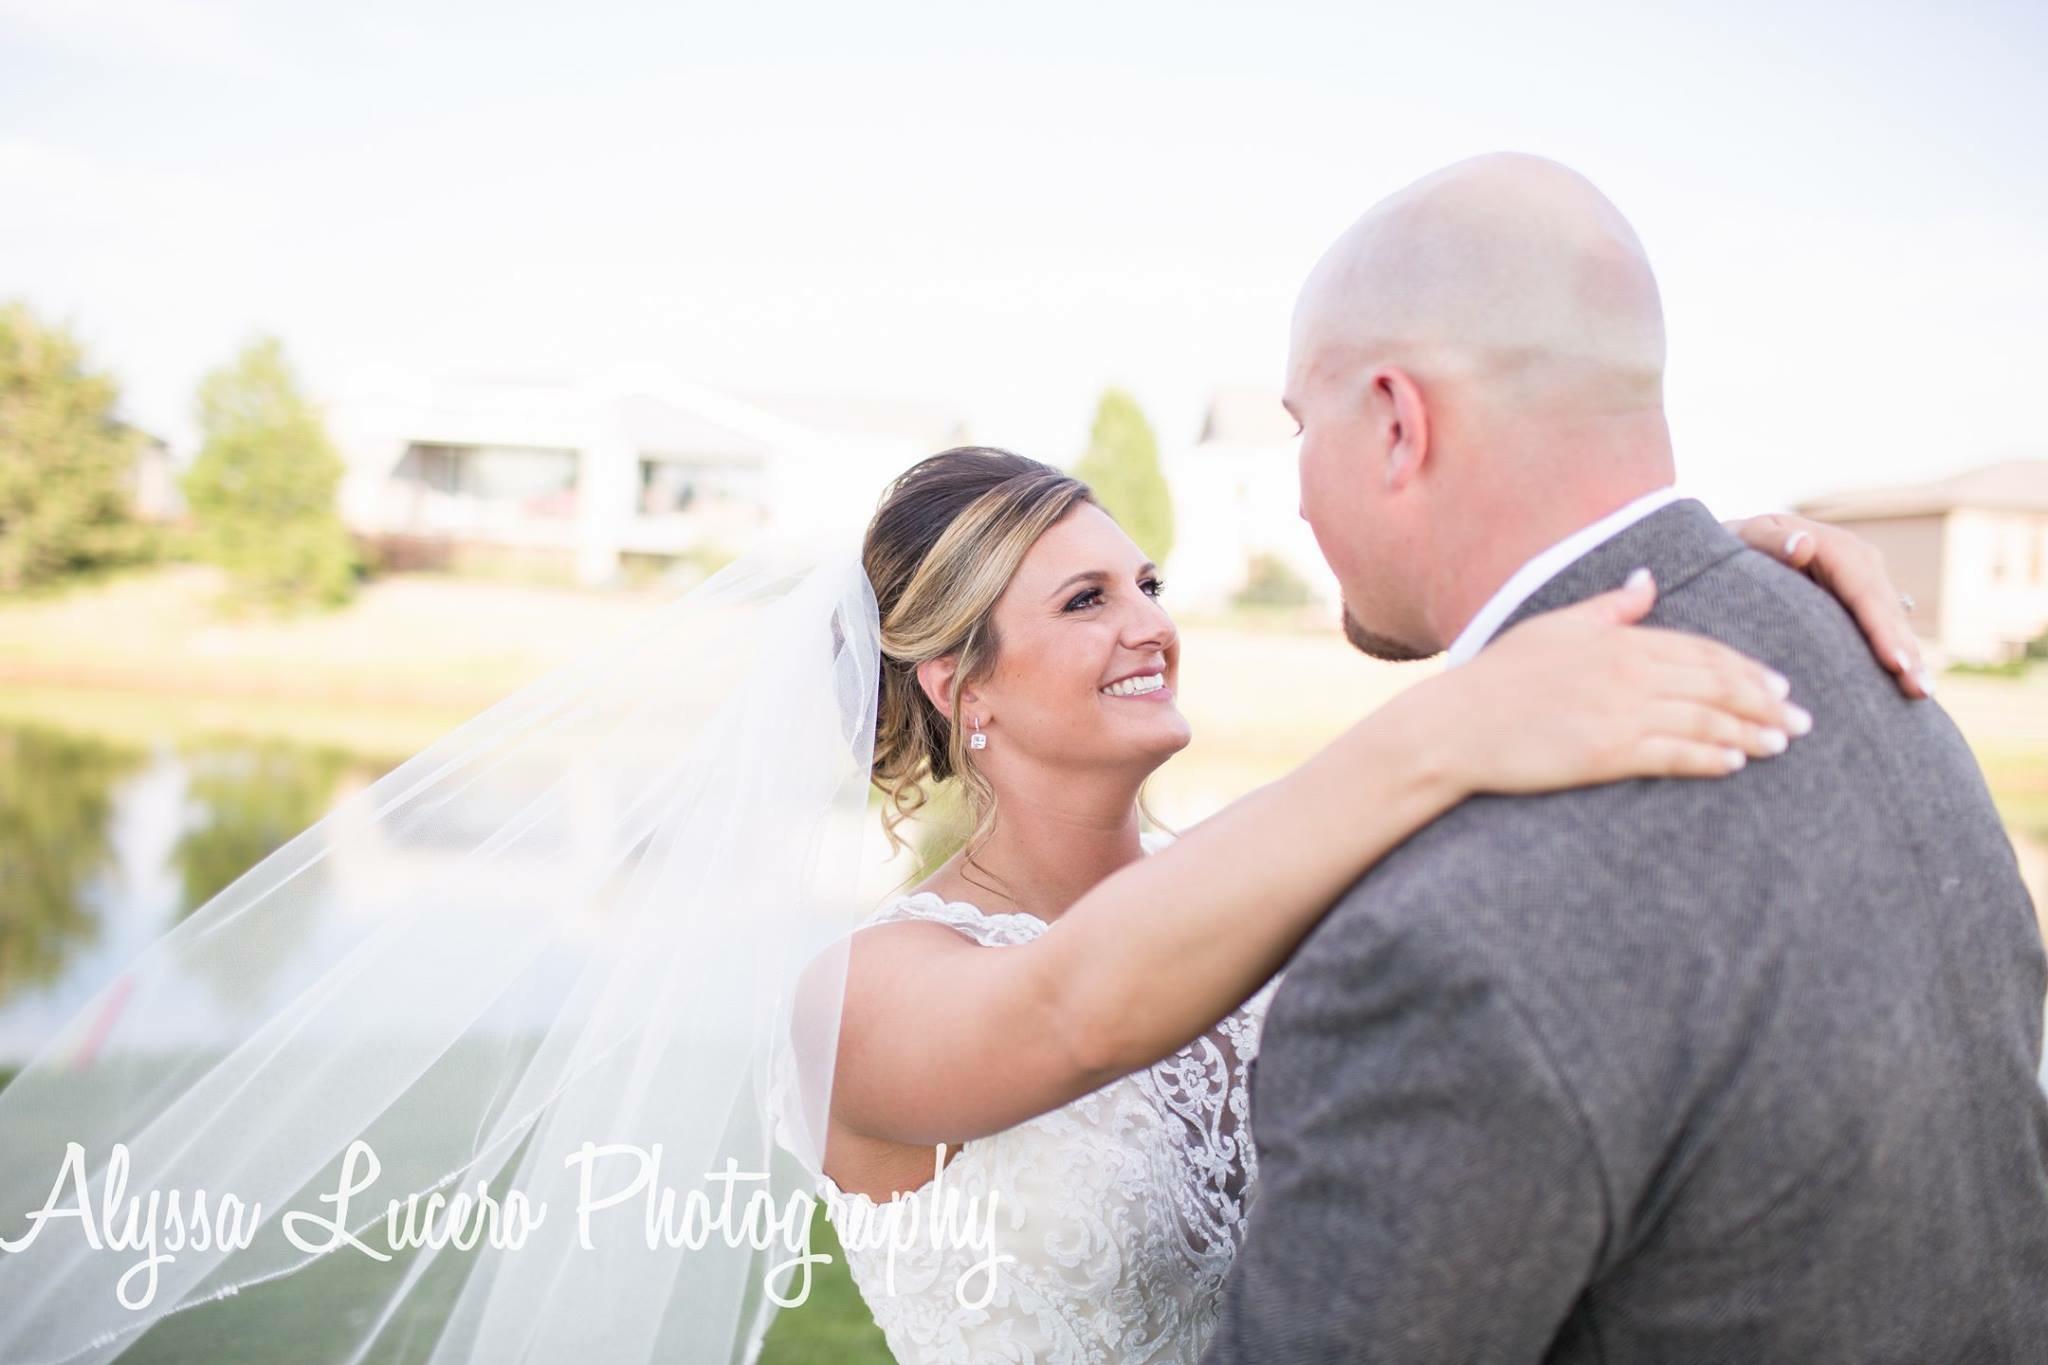 wedding-hairstylist-bride